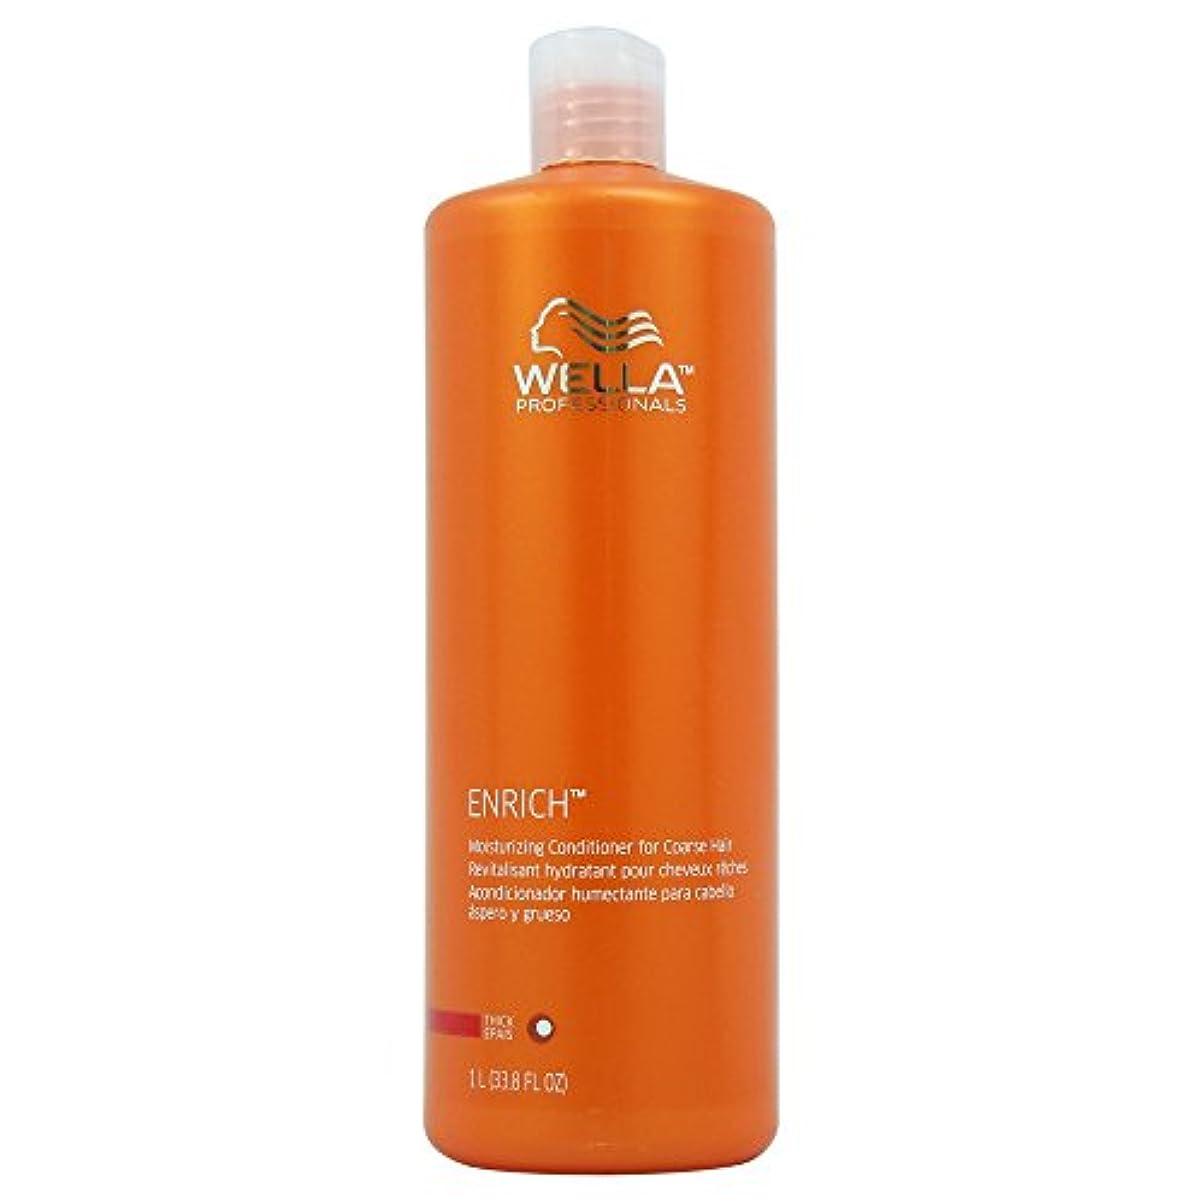 軍団神秘強化Wella Enriched Moisturizing Conditioner for Coarse Hair for Unisex, 33.8 Ounce by Wella